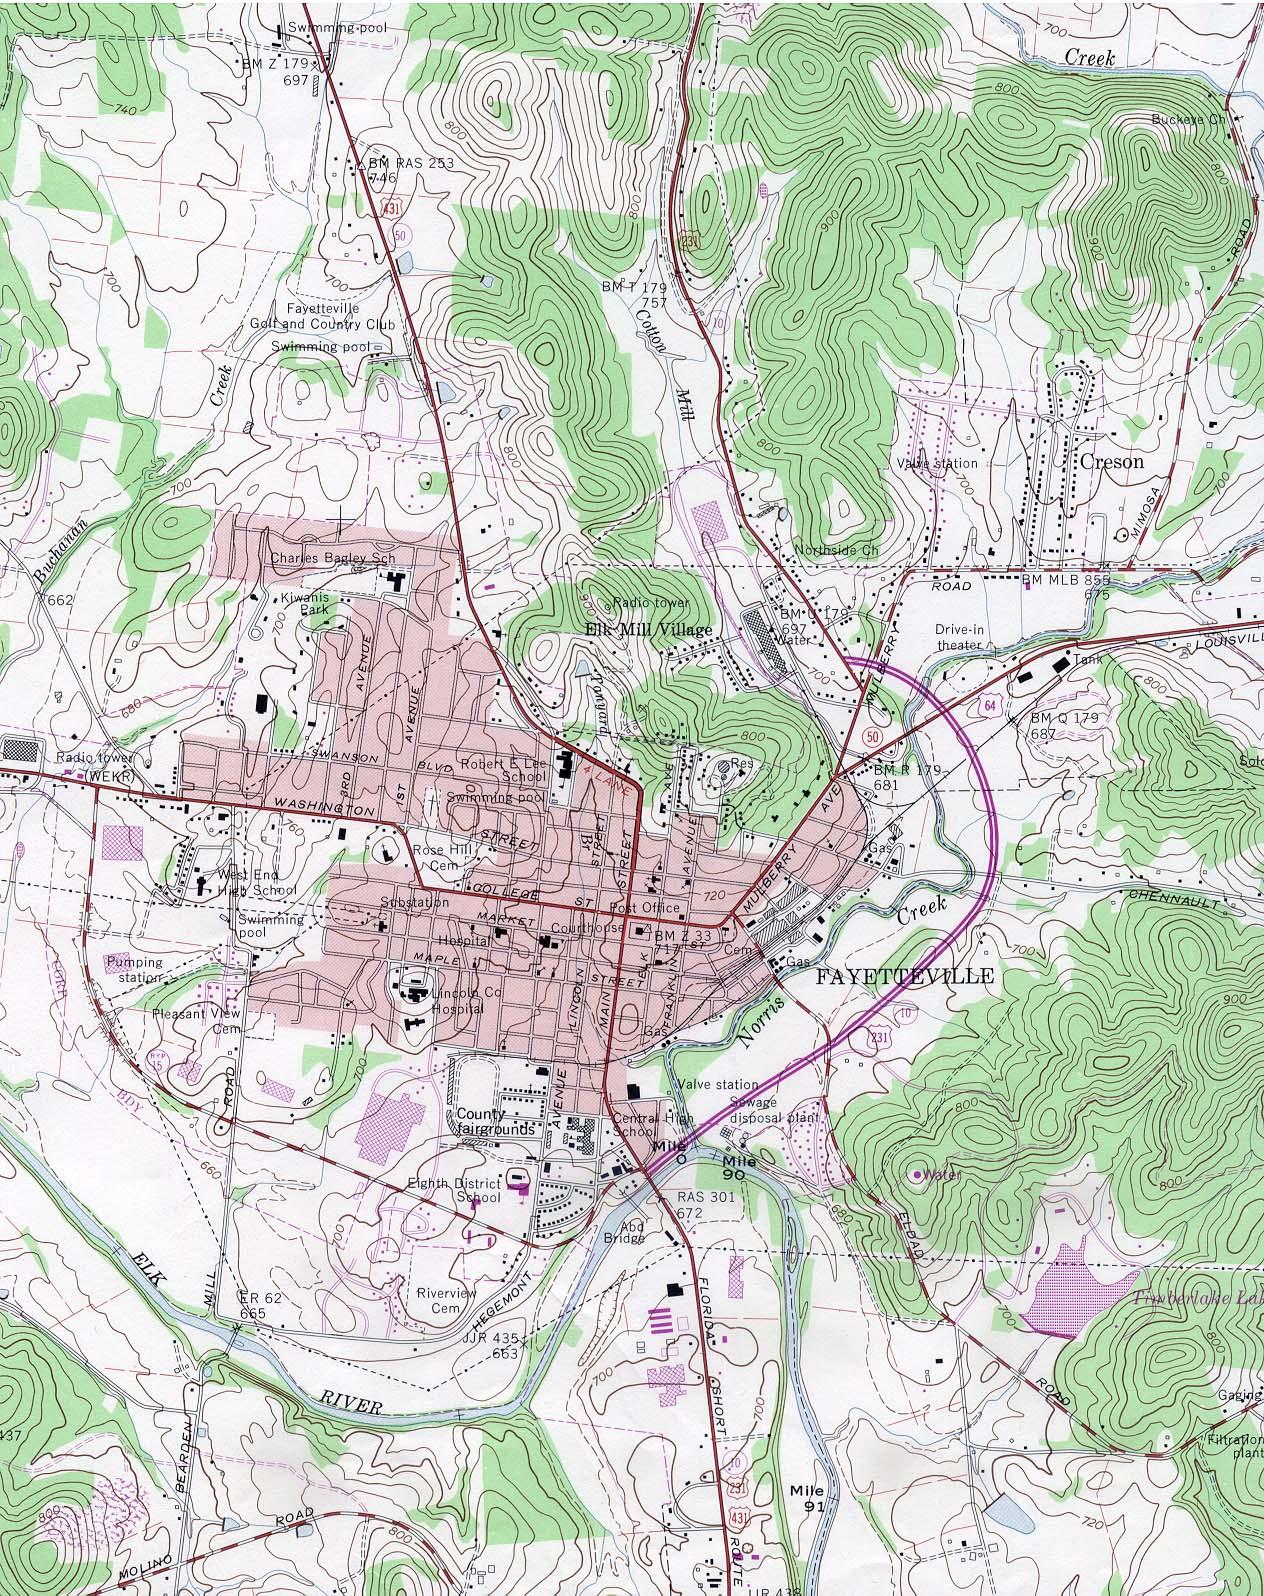 Mapa Topográfico de la Ciudad de Fayetteville, Tennessee, Estados Unidos